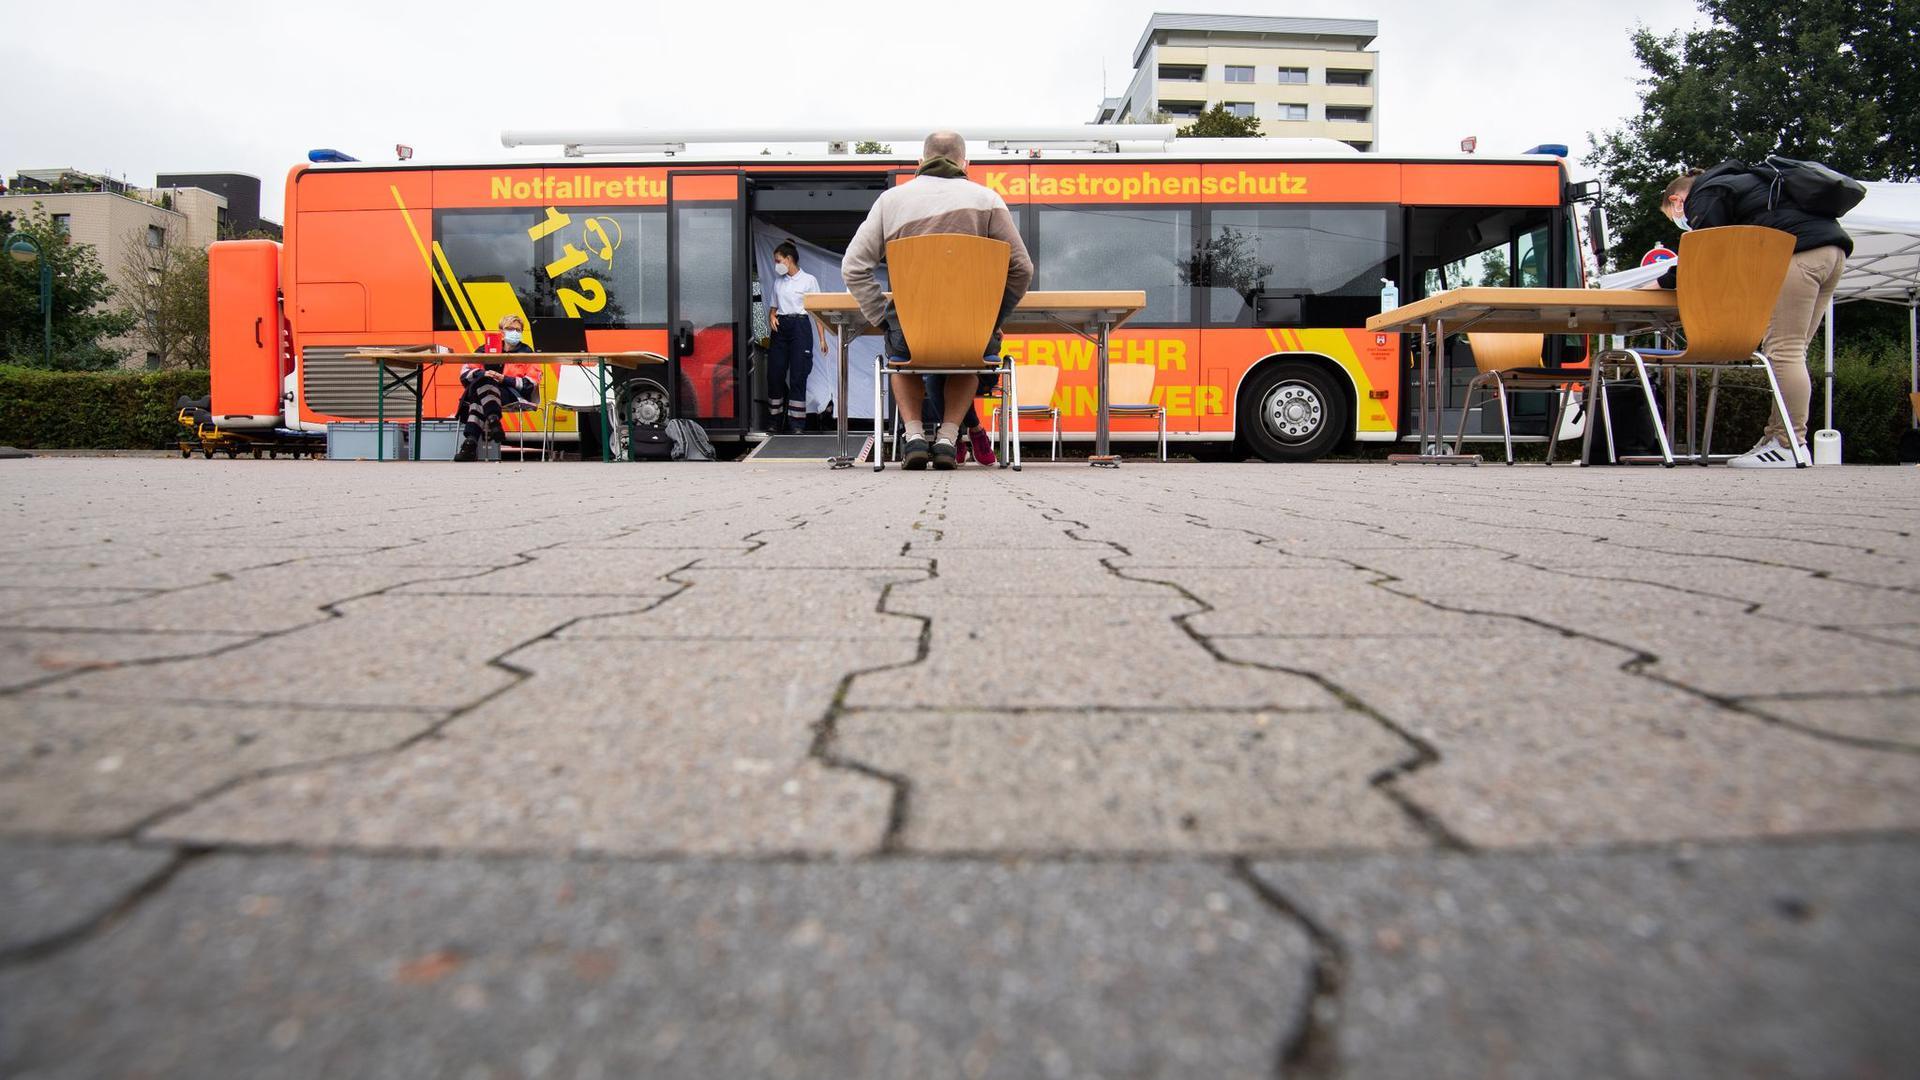 Ein mobiler Impfbus steht auf einem Supermarktparkplatz in der Region Hannover.